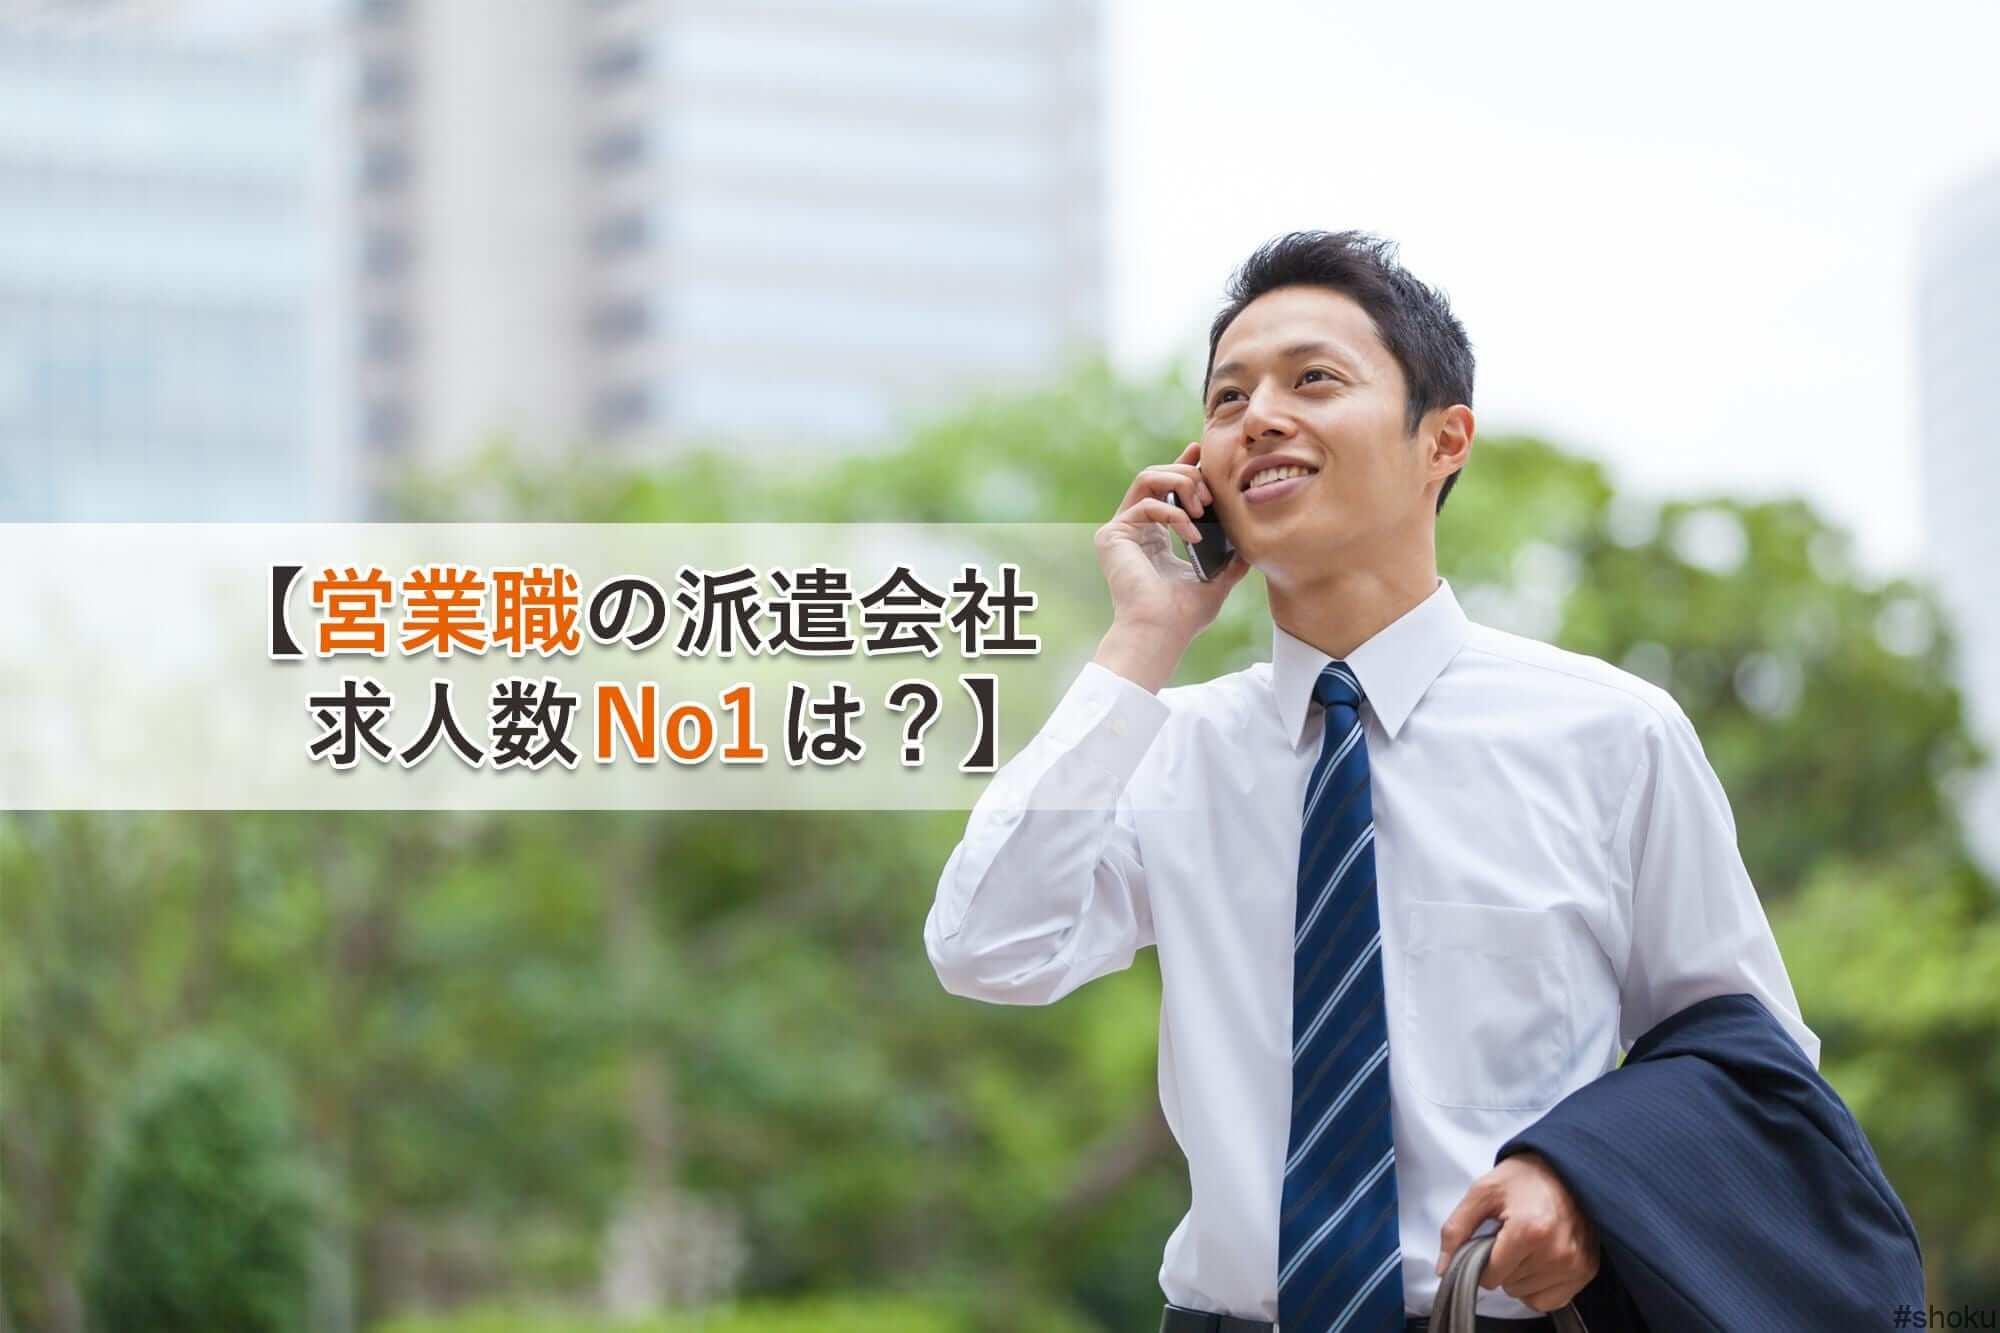 【派遣のプロが教える】営業職に強い派遣会社おすすめランキング